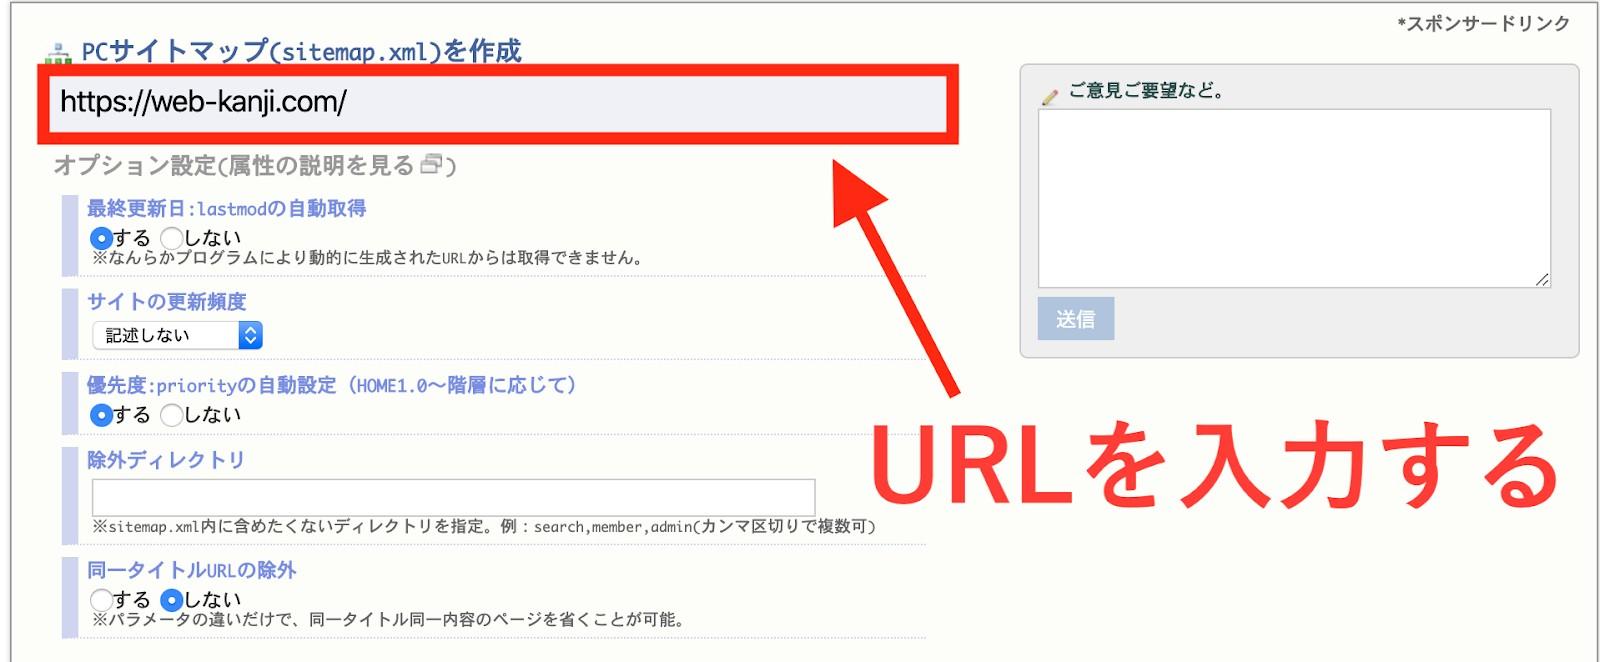 sitemap.xml Editor_1